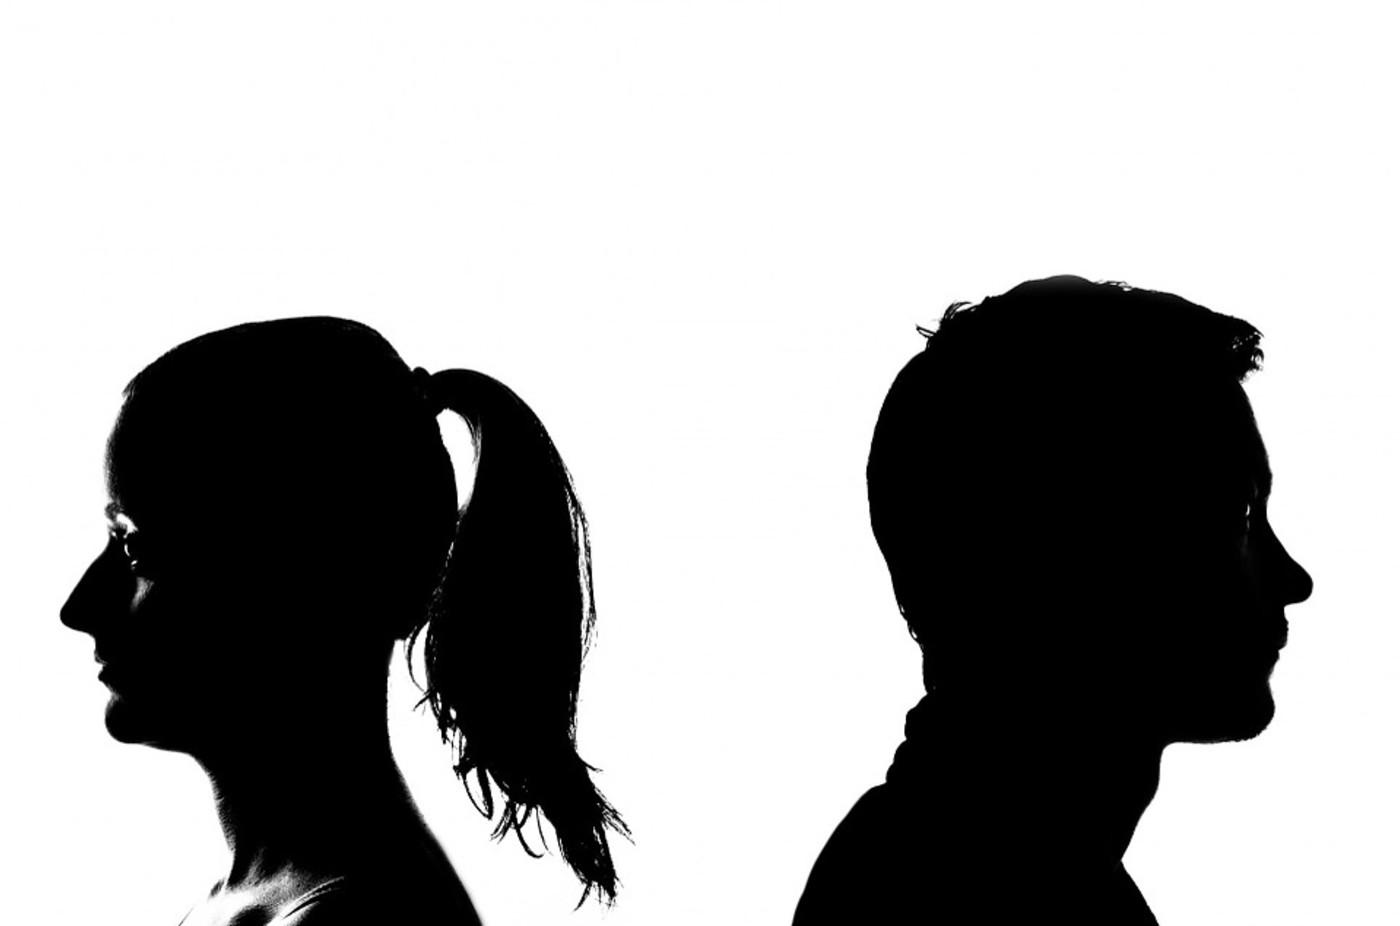 Navike razvod braka